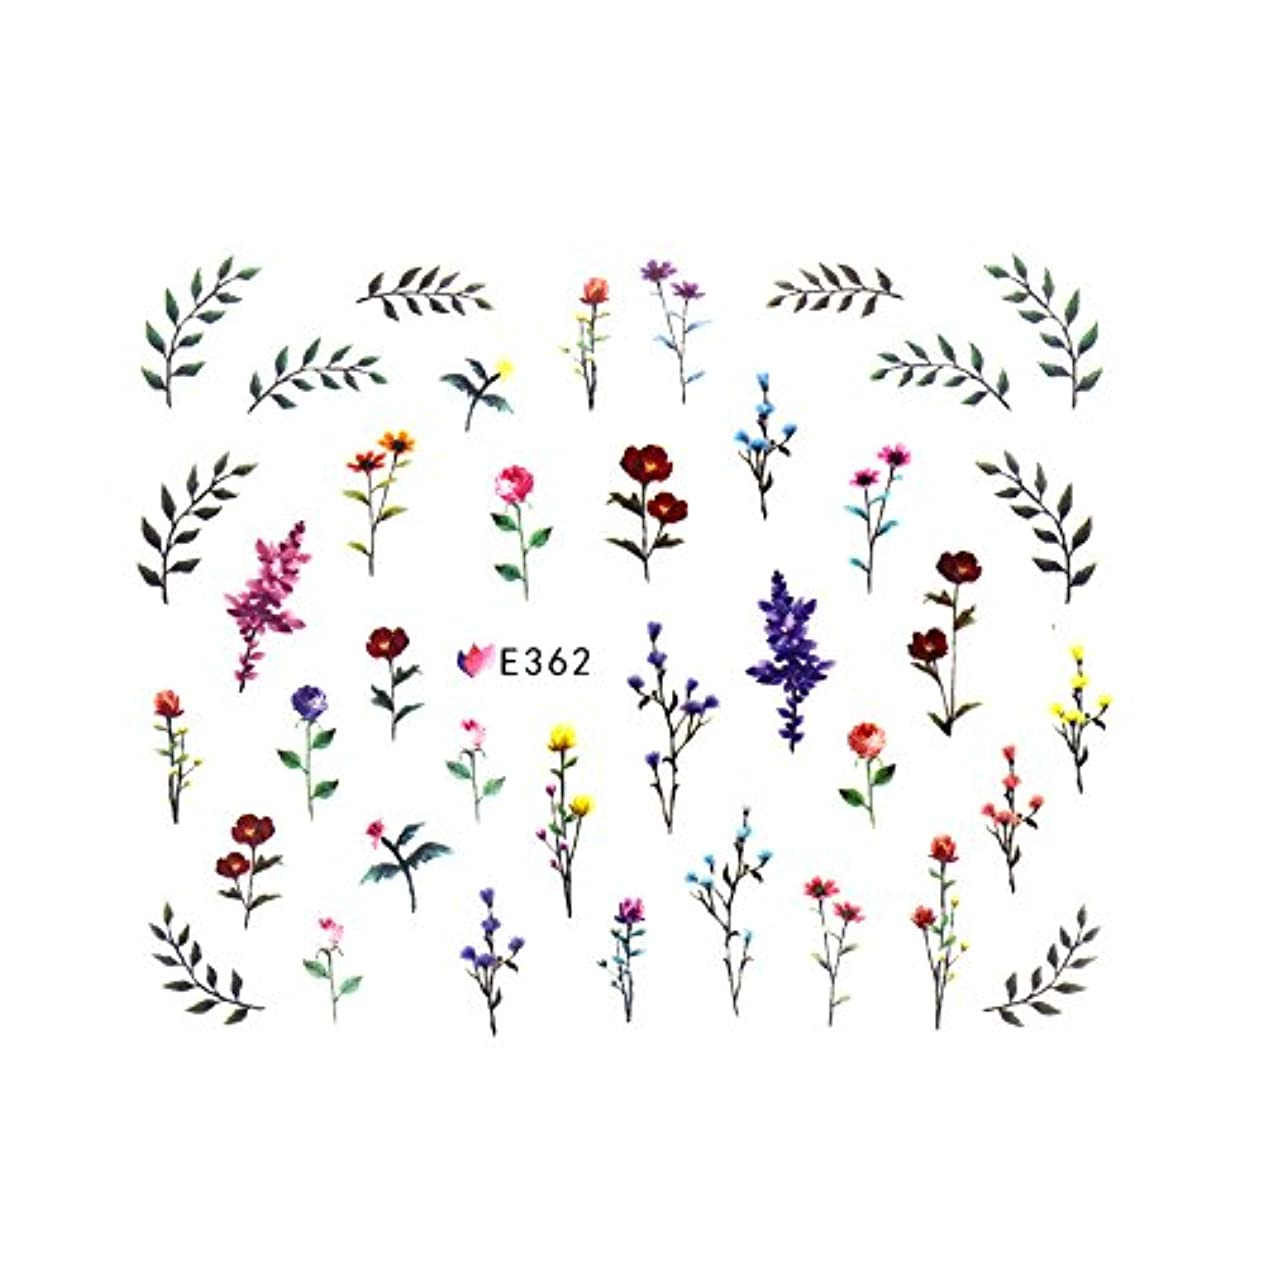 事実上通信網広範囲フラワーガーデンシール 【E362】フラワー ボタニカル ドライフラワー 小花柄